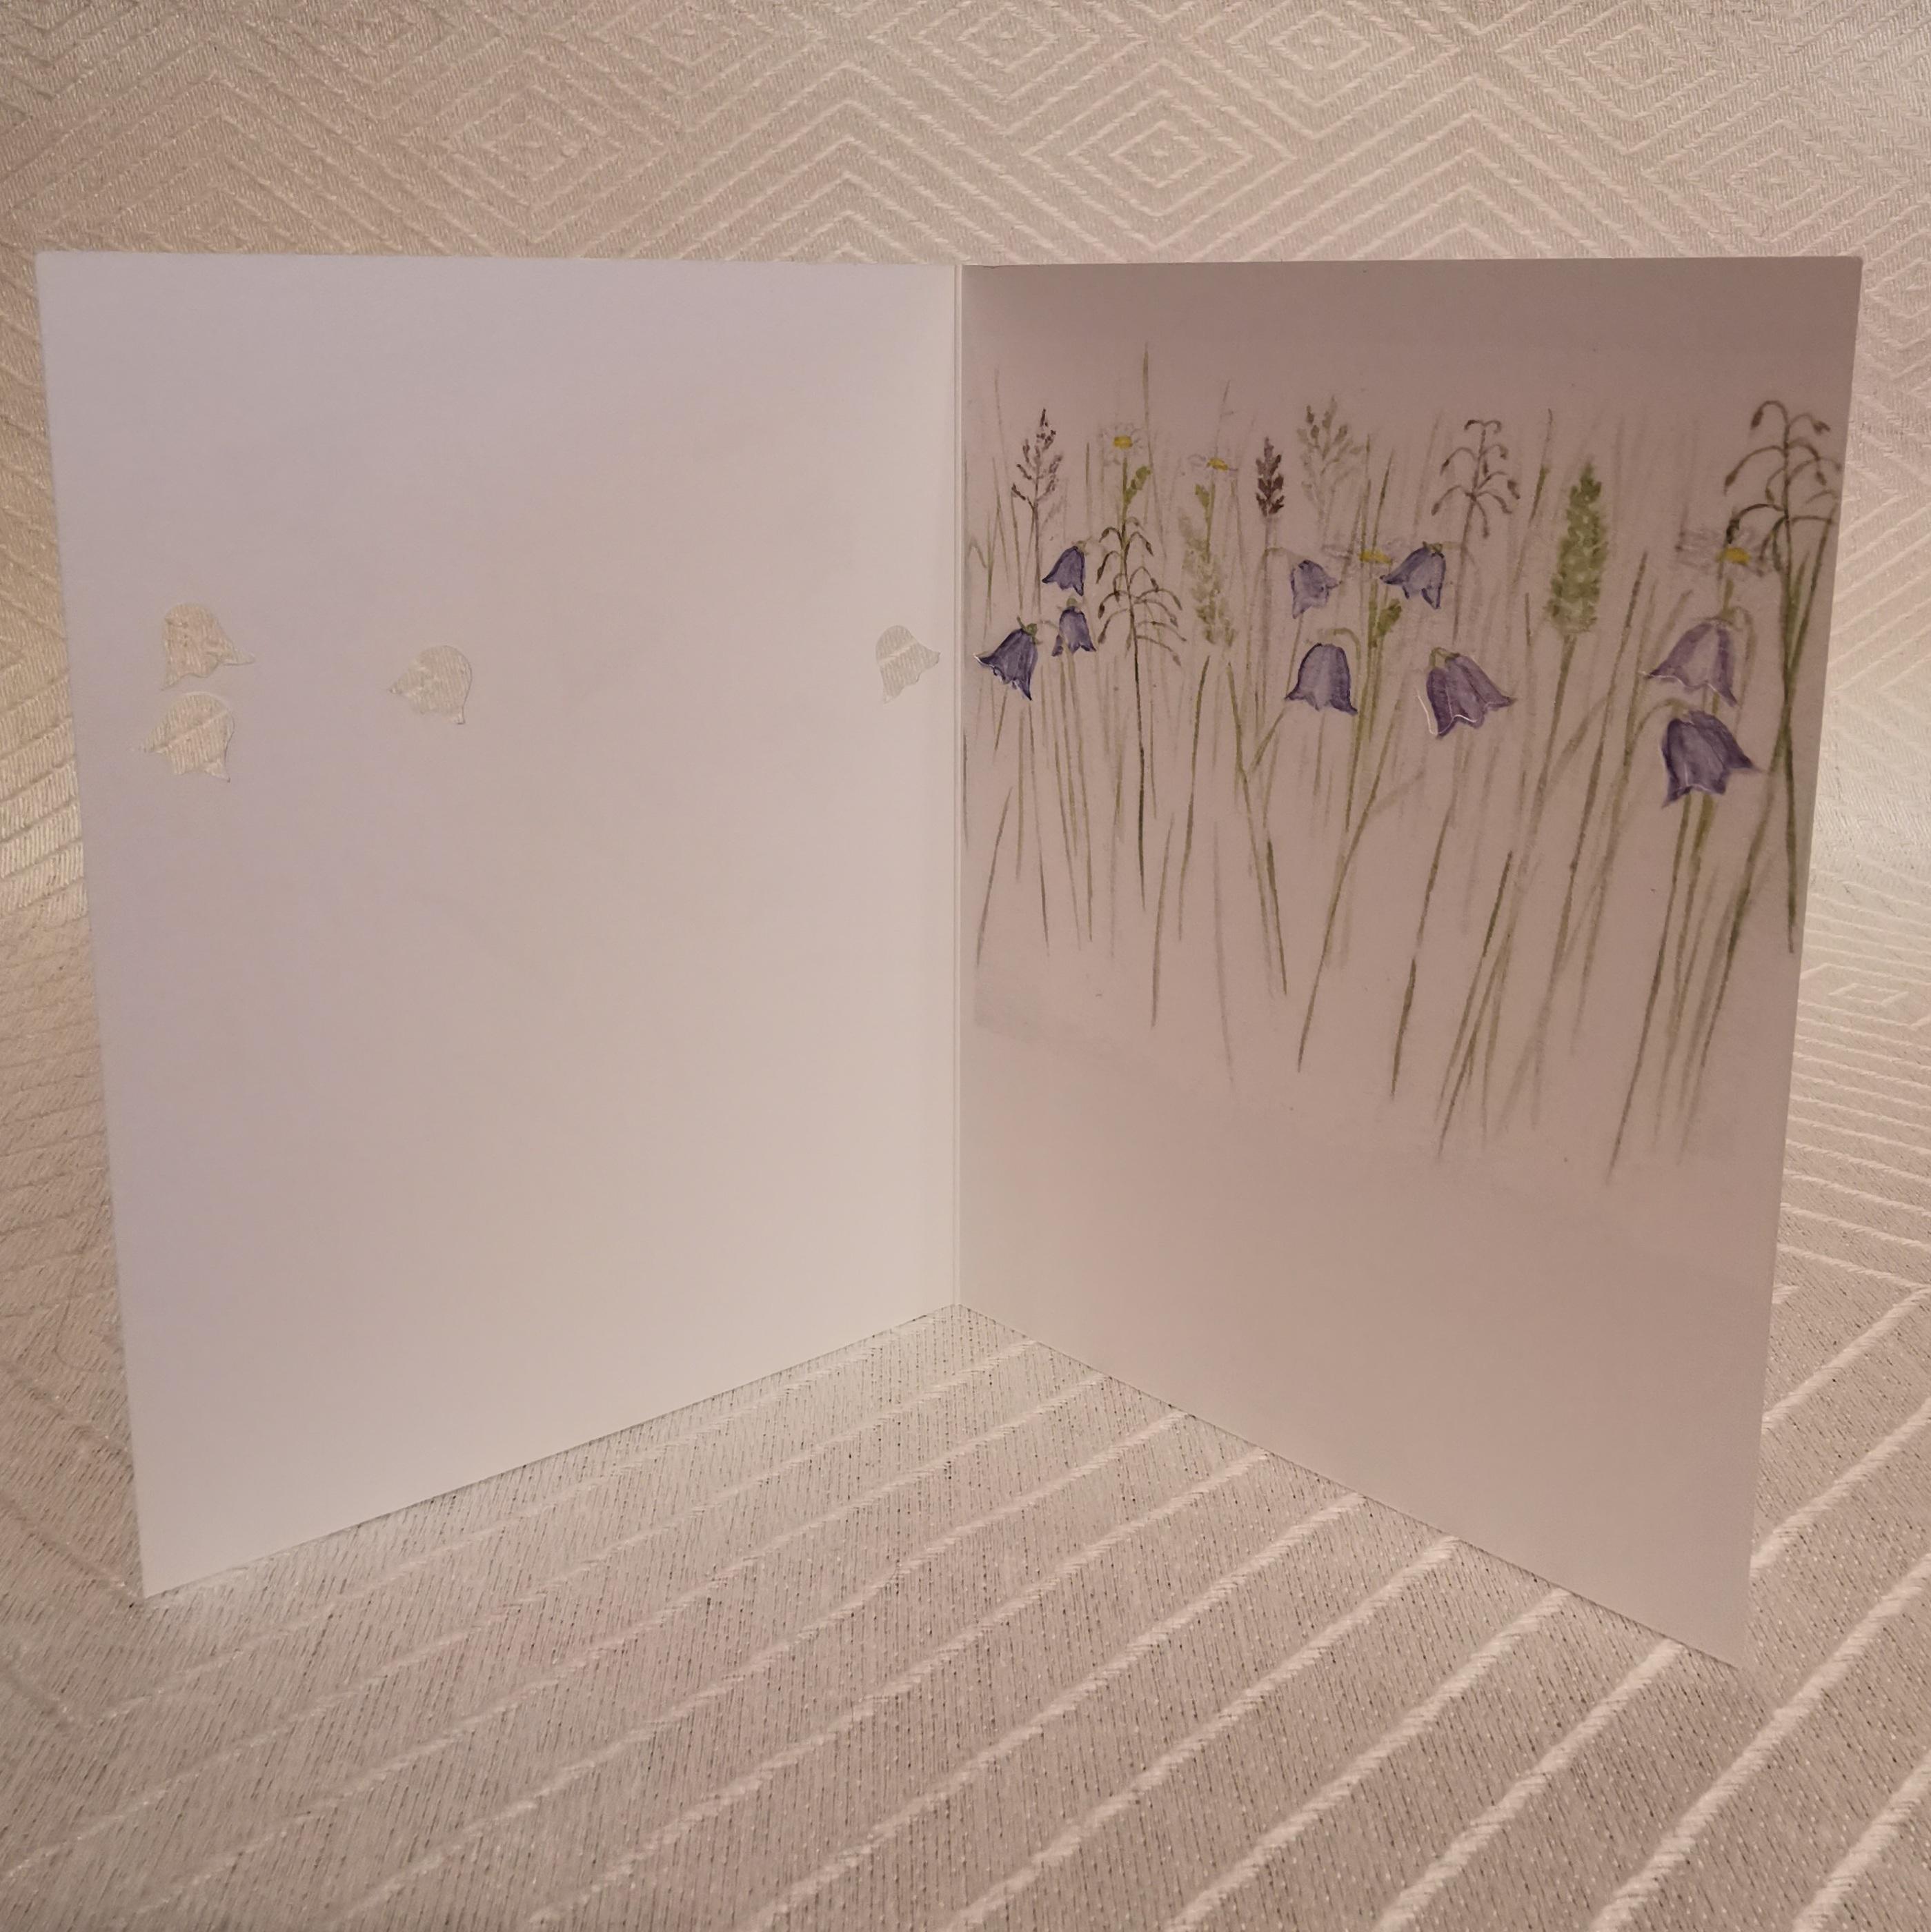 Vikt kort i akvarell med surprise blåklockor insidan